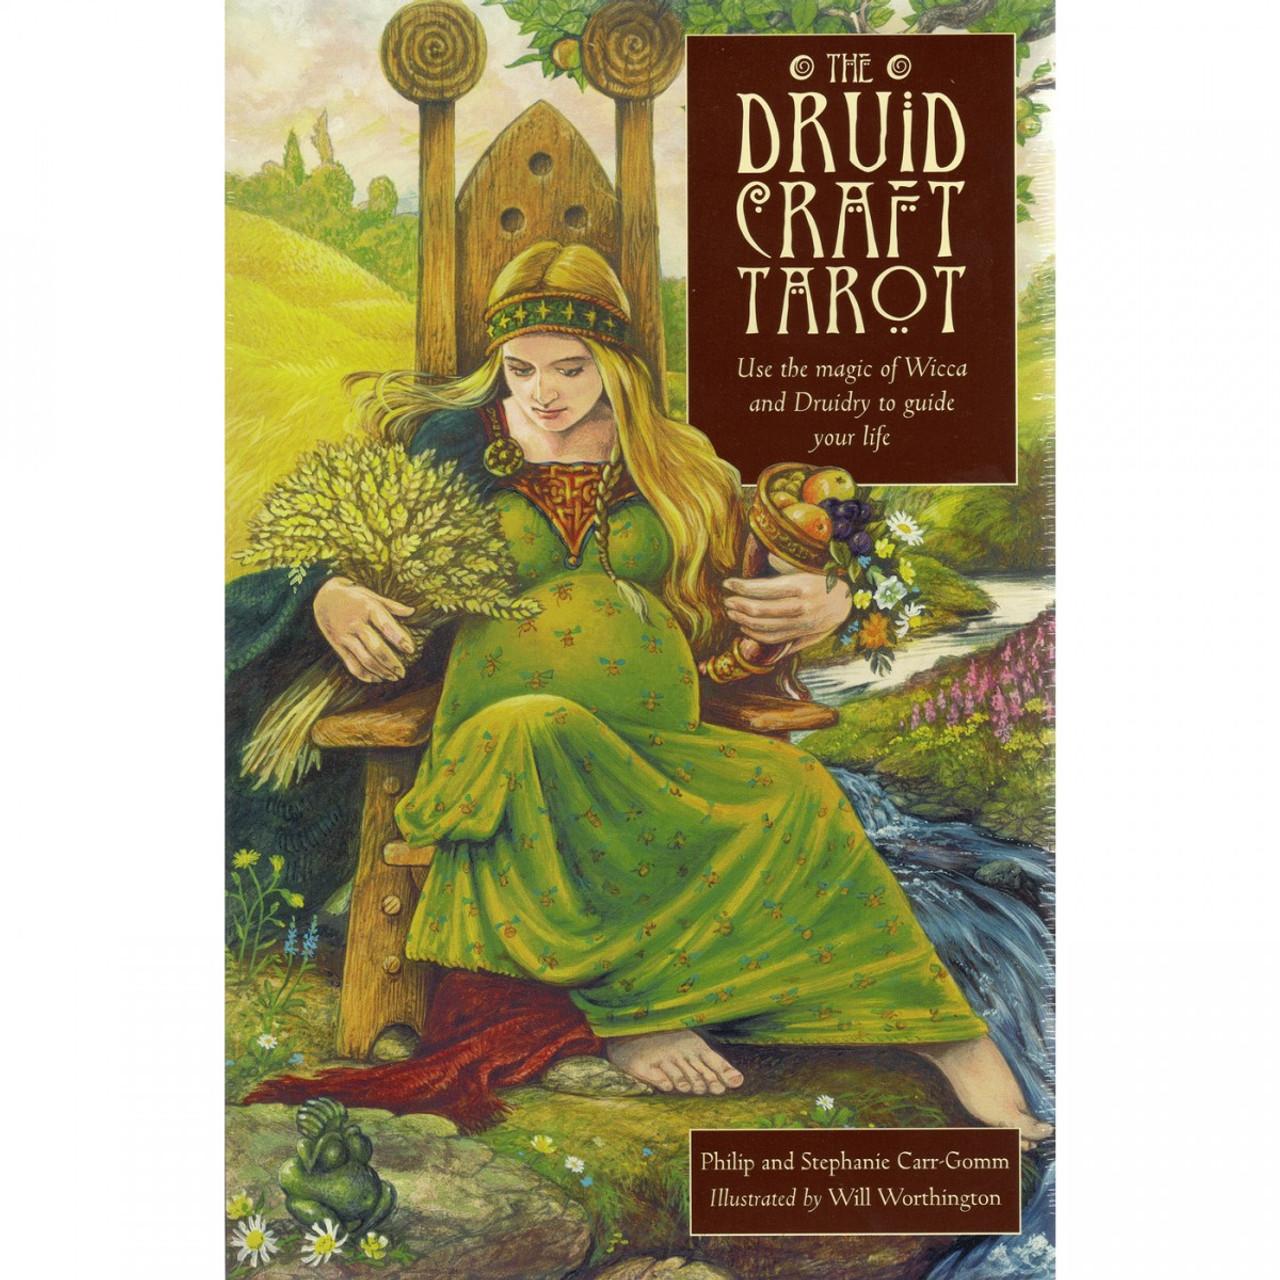 The Druid Craft Tarot (Cards & Book Set)